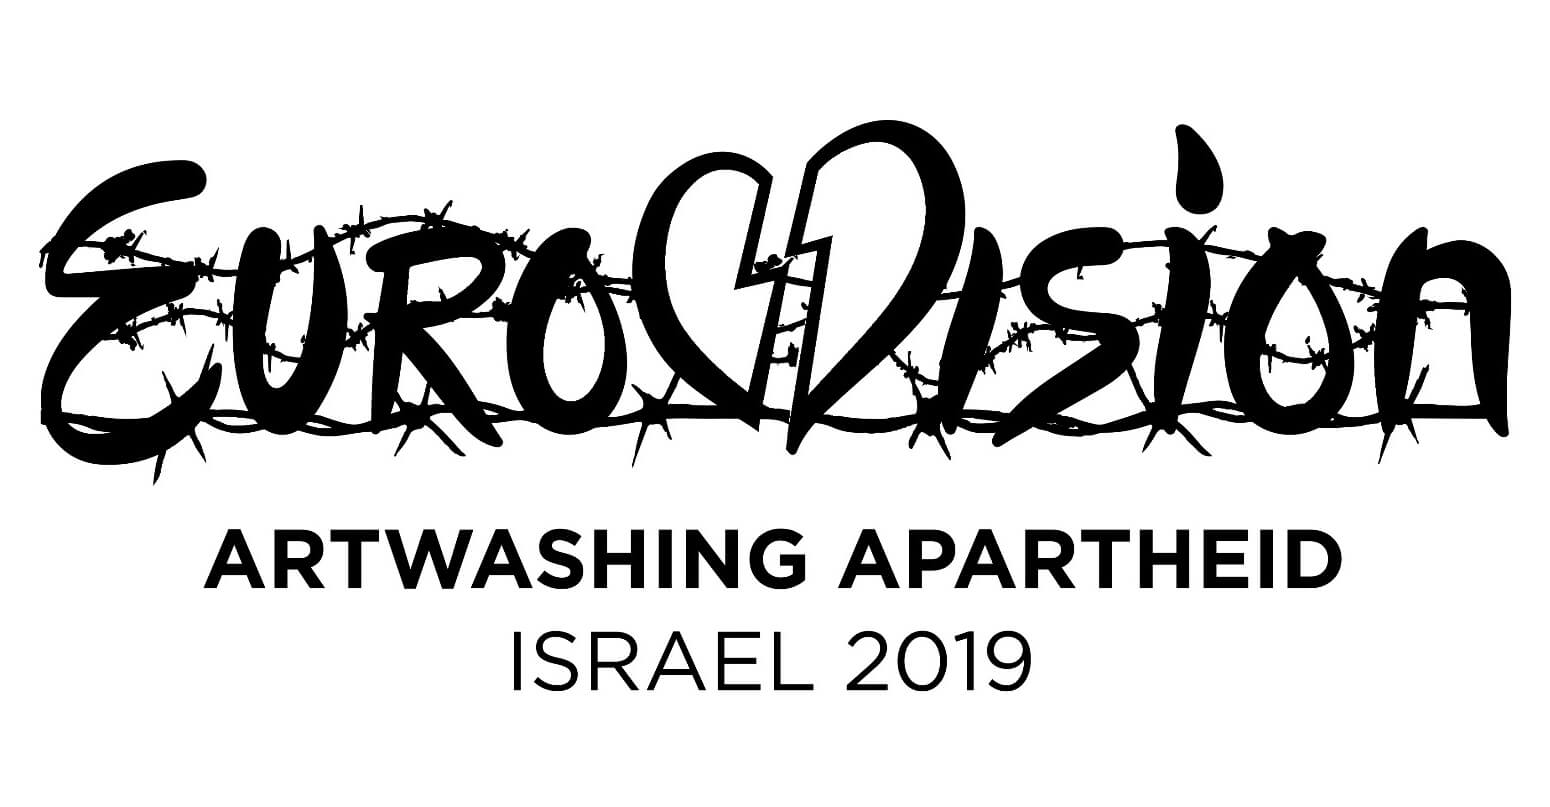 Eurovision Artwashing Apartheid